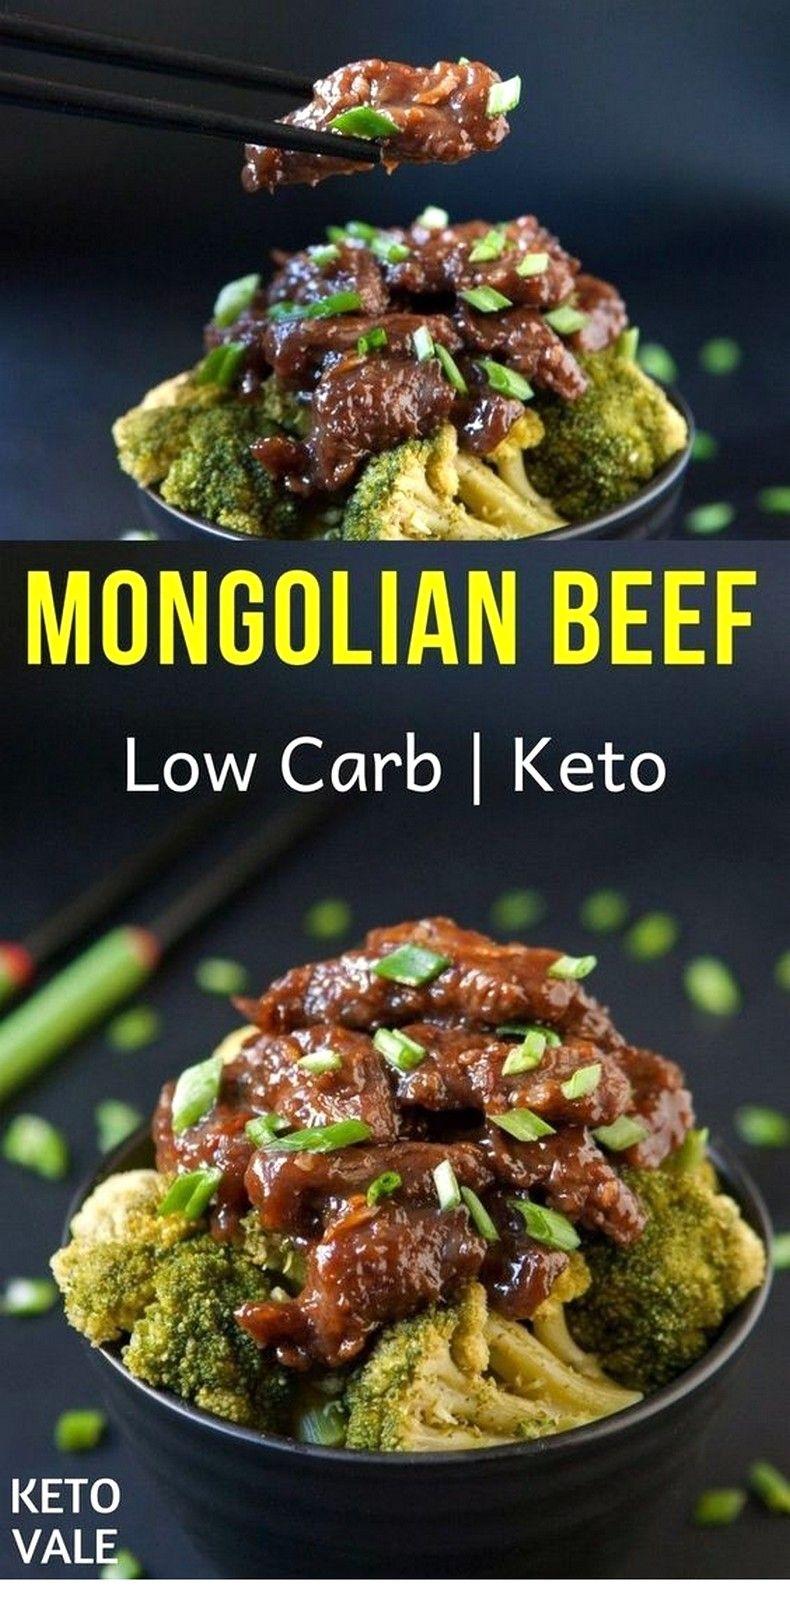 Keto Mongolian Beef | Keto Diet Meal Plan